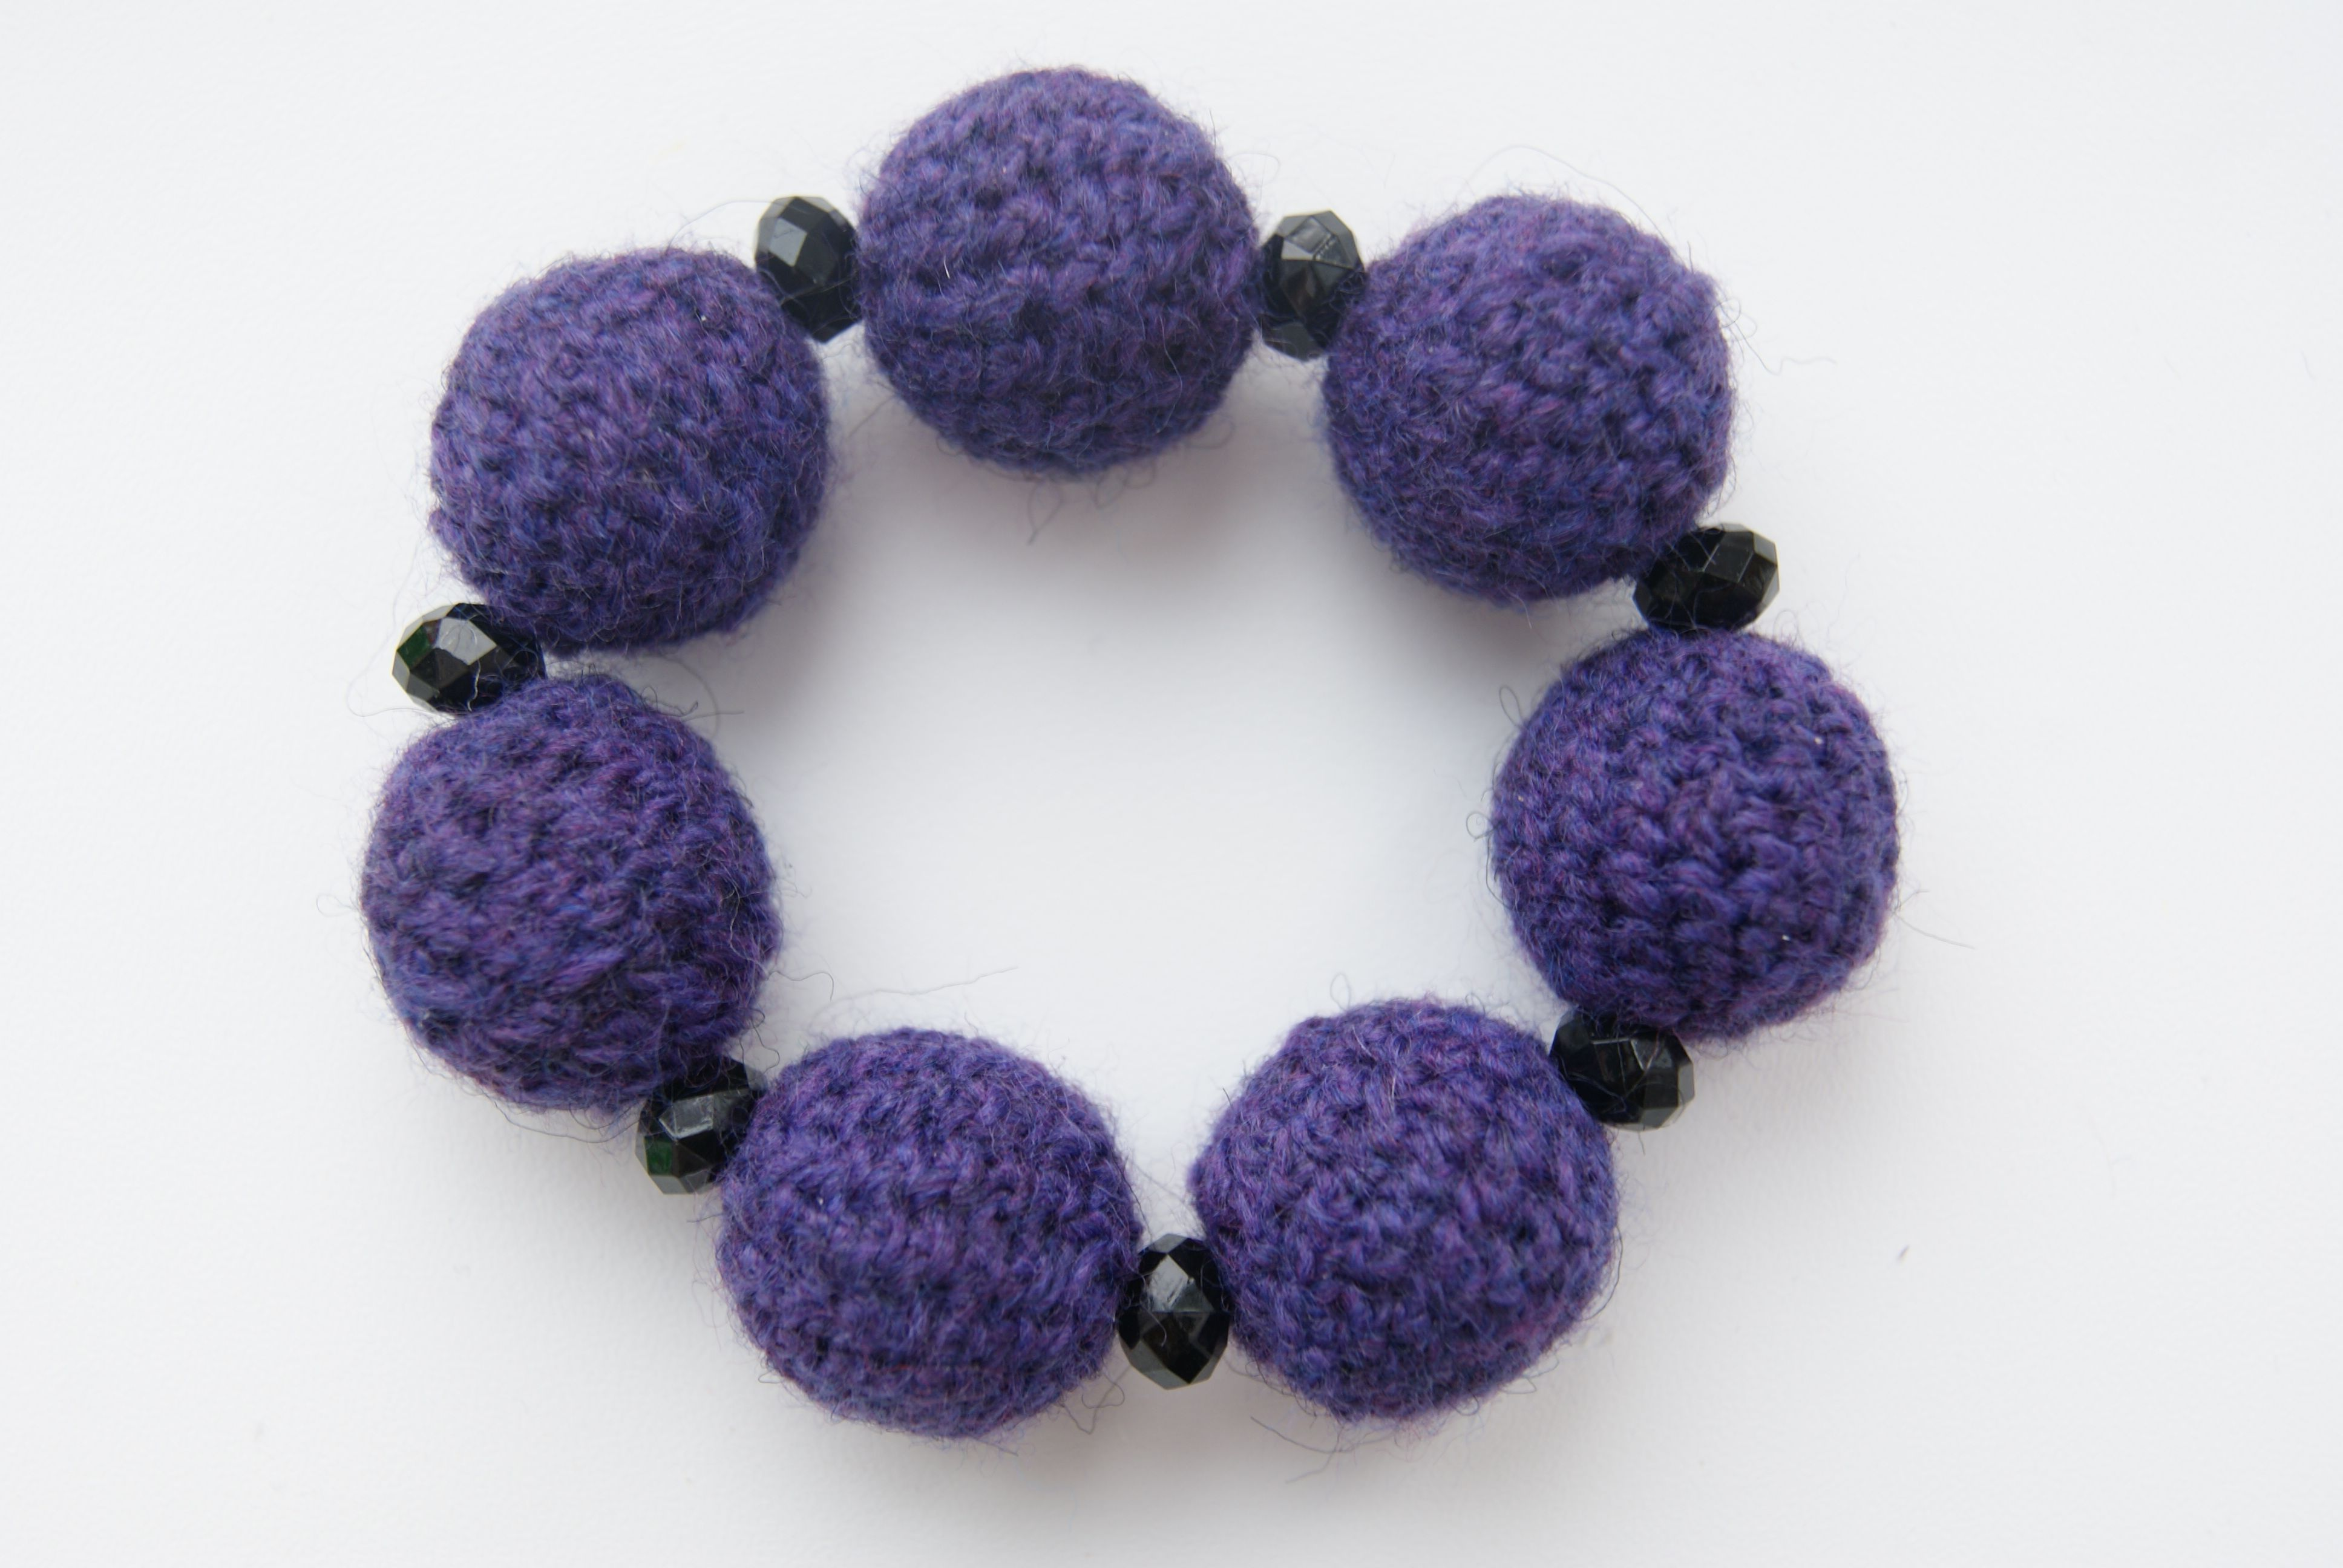 мода браслет вязание украшение уют стиль . тепло красота вязаныйбраслет вязаниеназаказ вязаныеукрашения